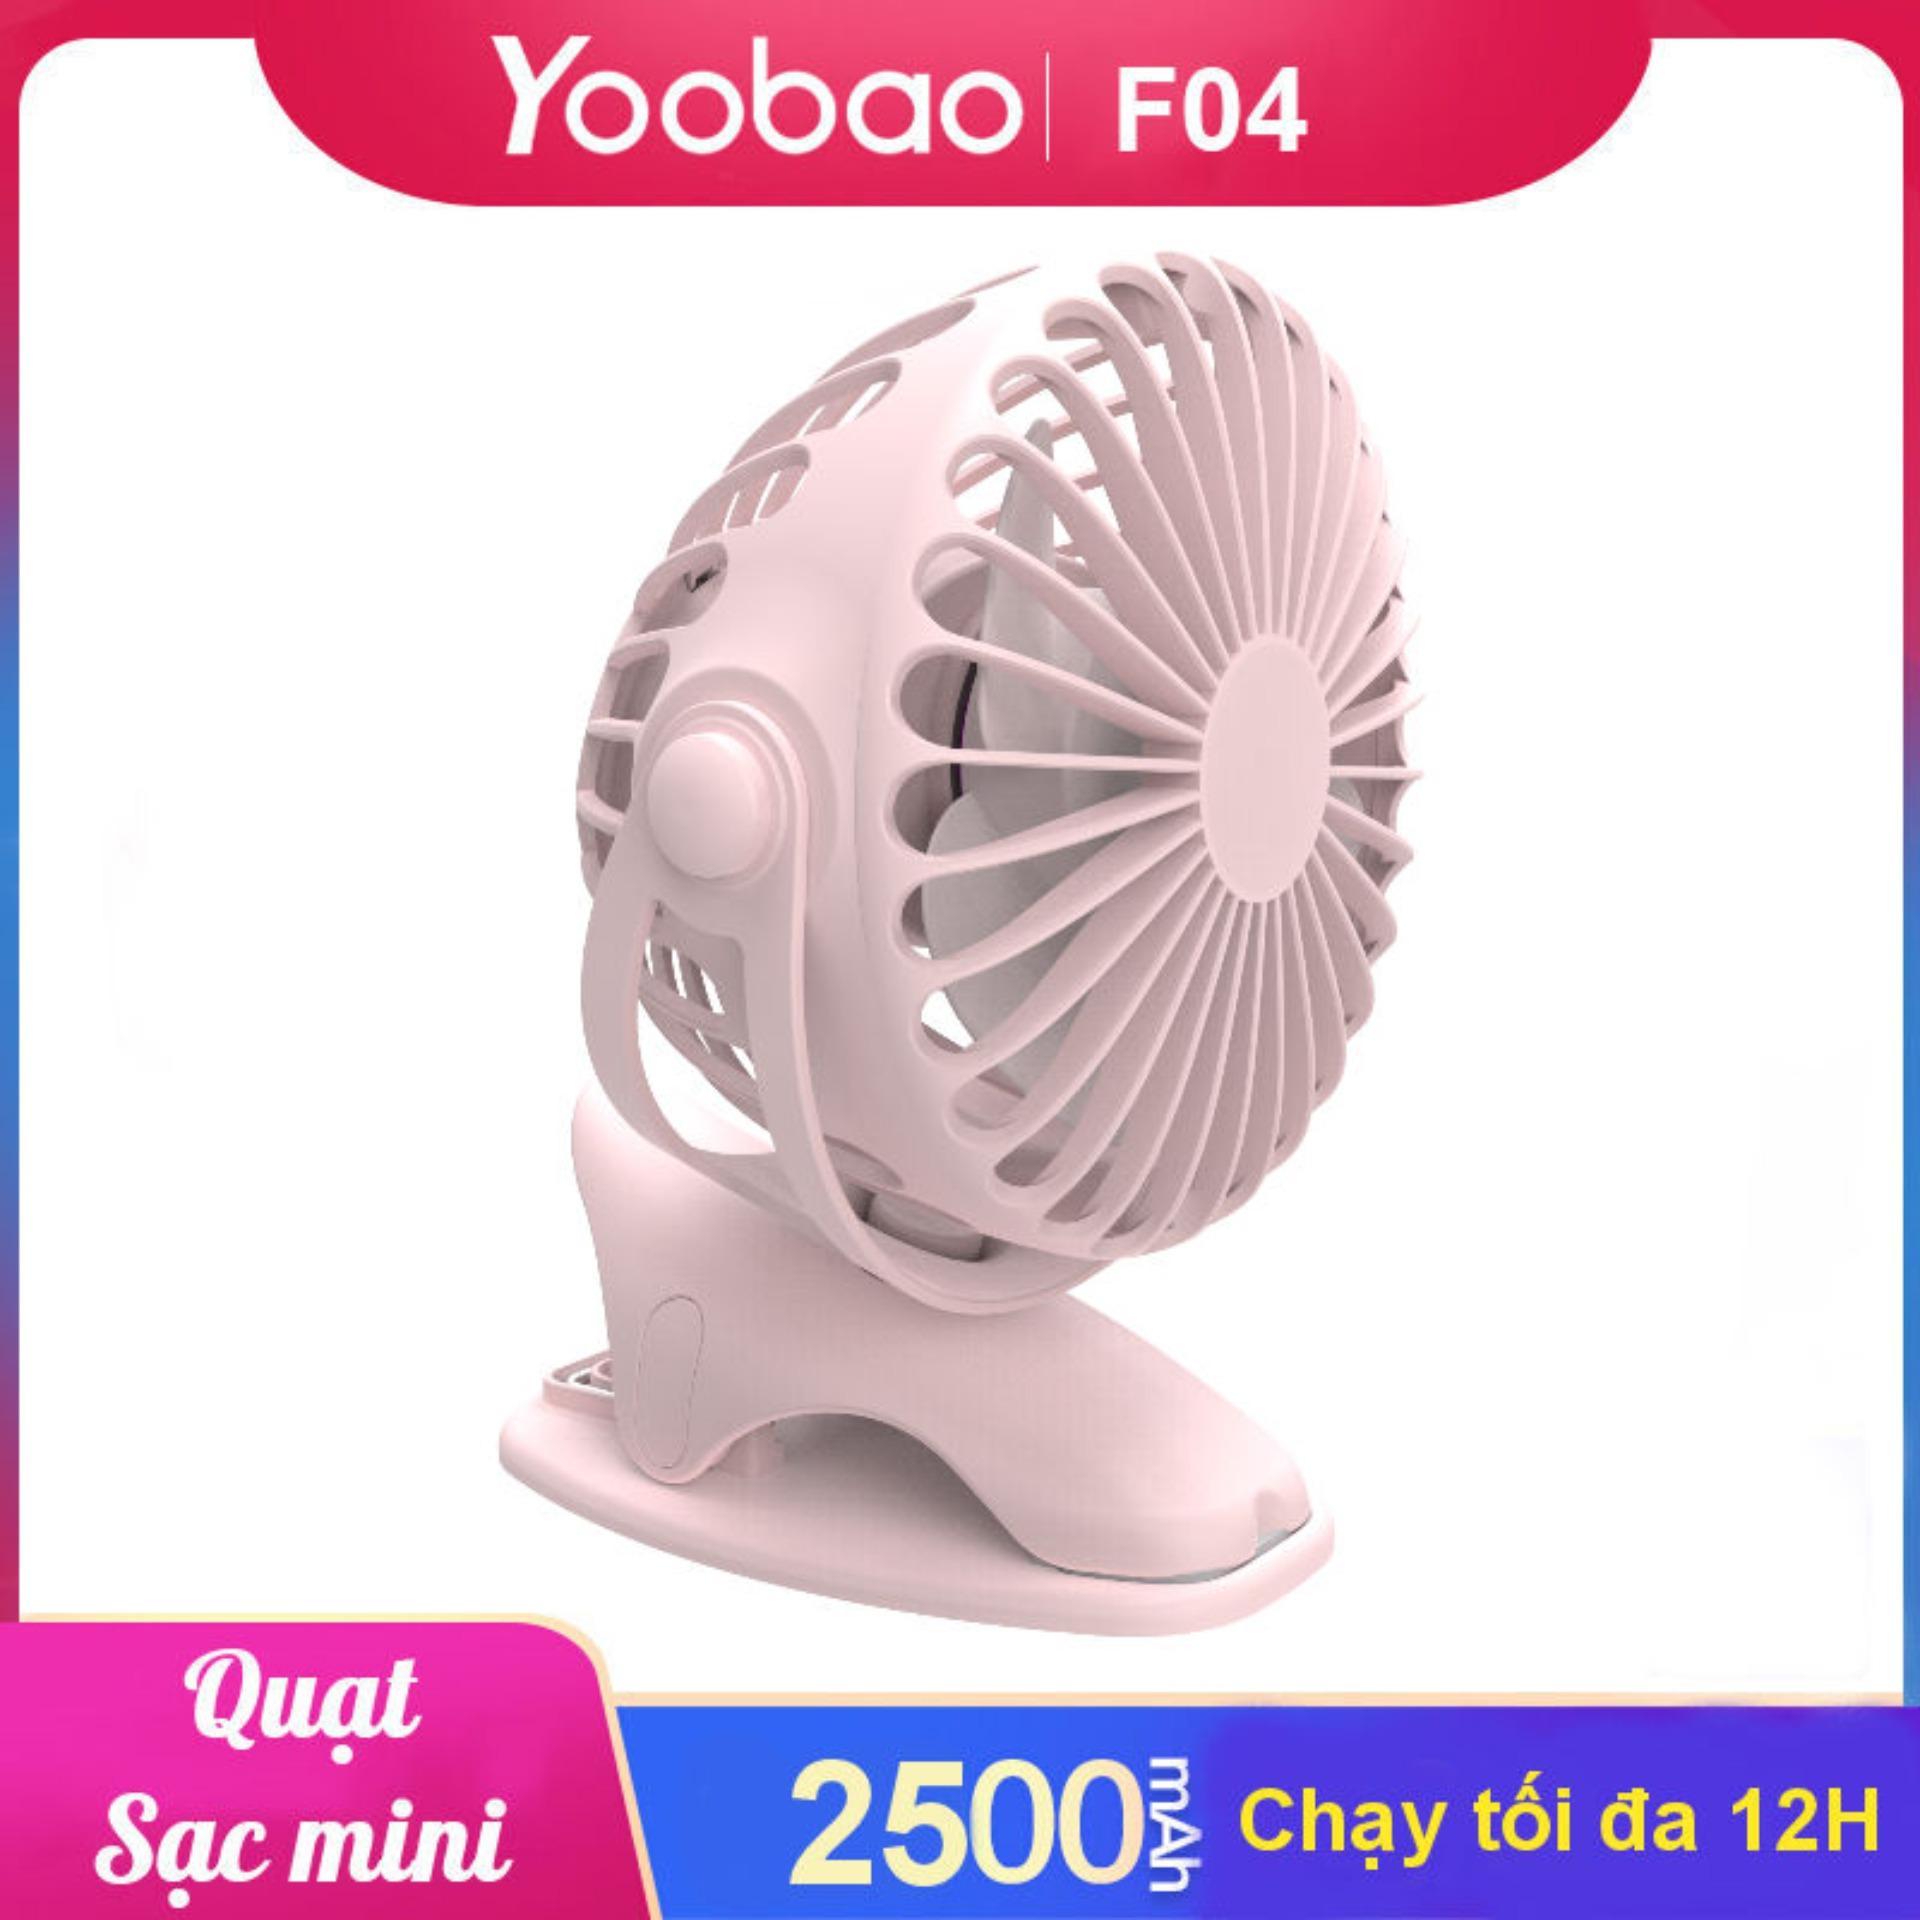 Quạt sạc mini xoay góc 720 độ, đế kẹp đa năng hoặc đặt bàn, an toàn cho trẻ với 4 nấc điều chỉnh gió (2500mAh) YOOBAO F04 - Hãng phân phối chính thức